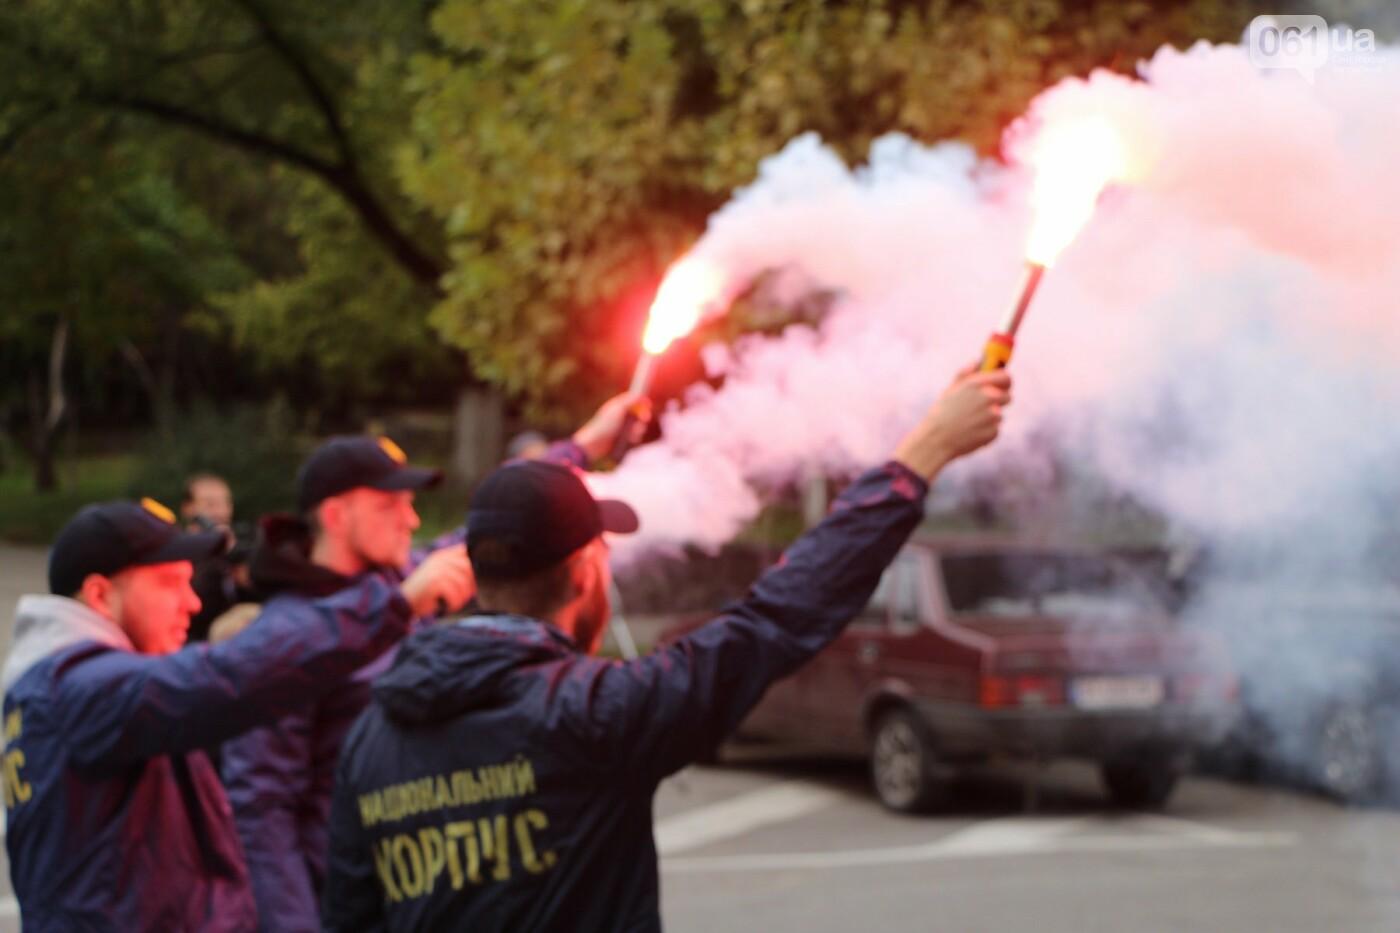 Активисты под прицелом: в Запорожье под зданием Нацполиции митинговали за расследование преступлений, - ФОТОРЕПОРТАЖ, фото-8